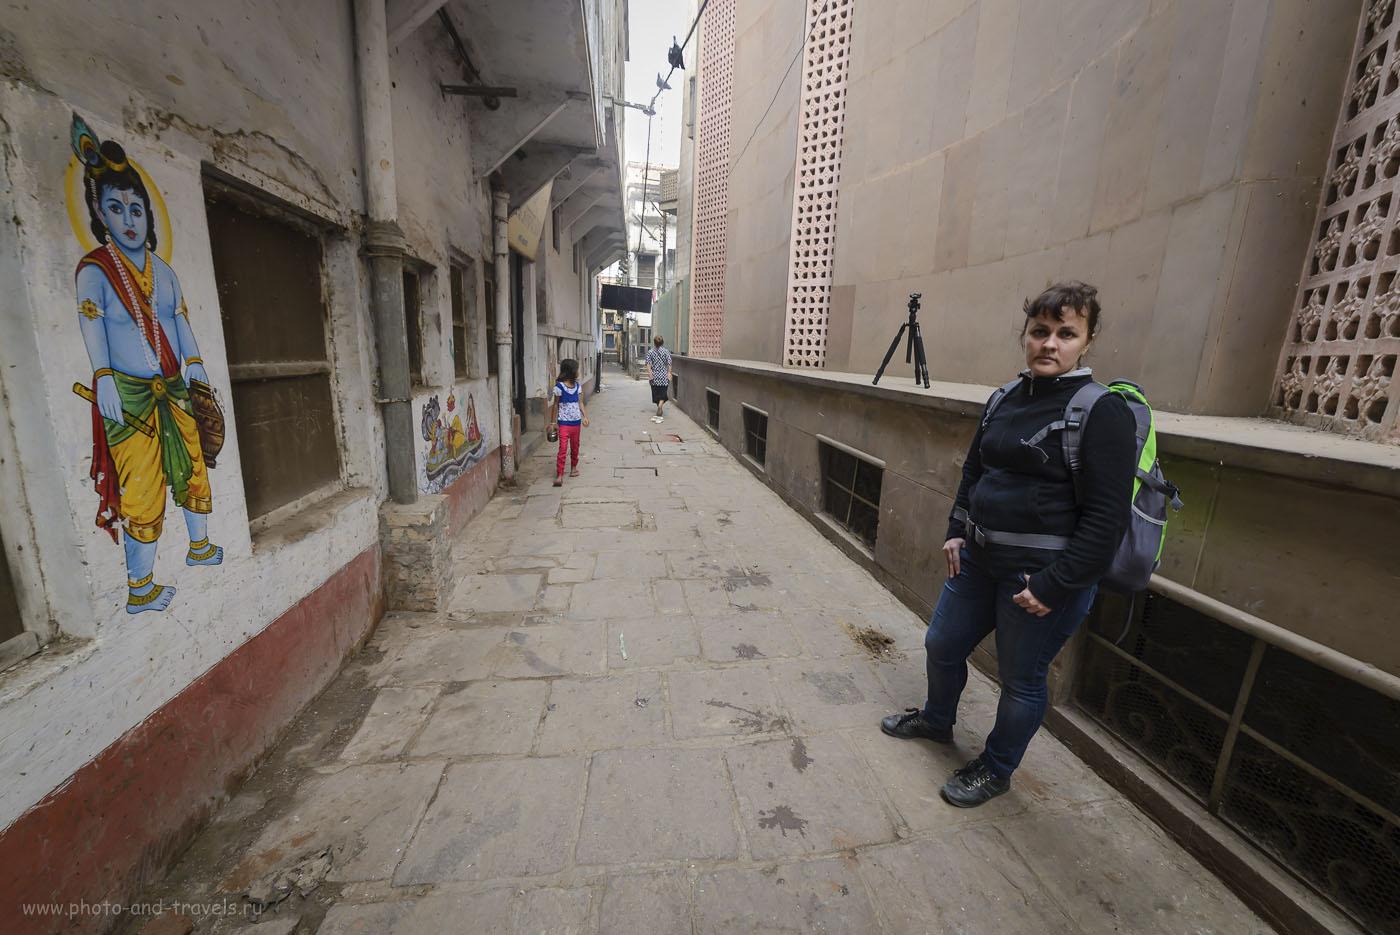 Фотография 8. Переулок по направлению к Assi Ghat в Варанаси. Отчет о самостоятельном отдыхе в Индии. 1/20, -1.0 EV, 8.0, 400, 14.